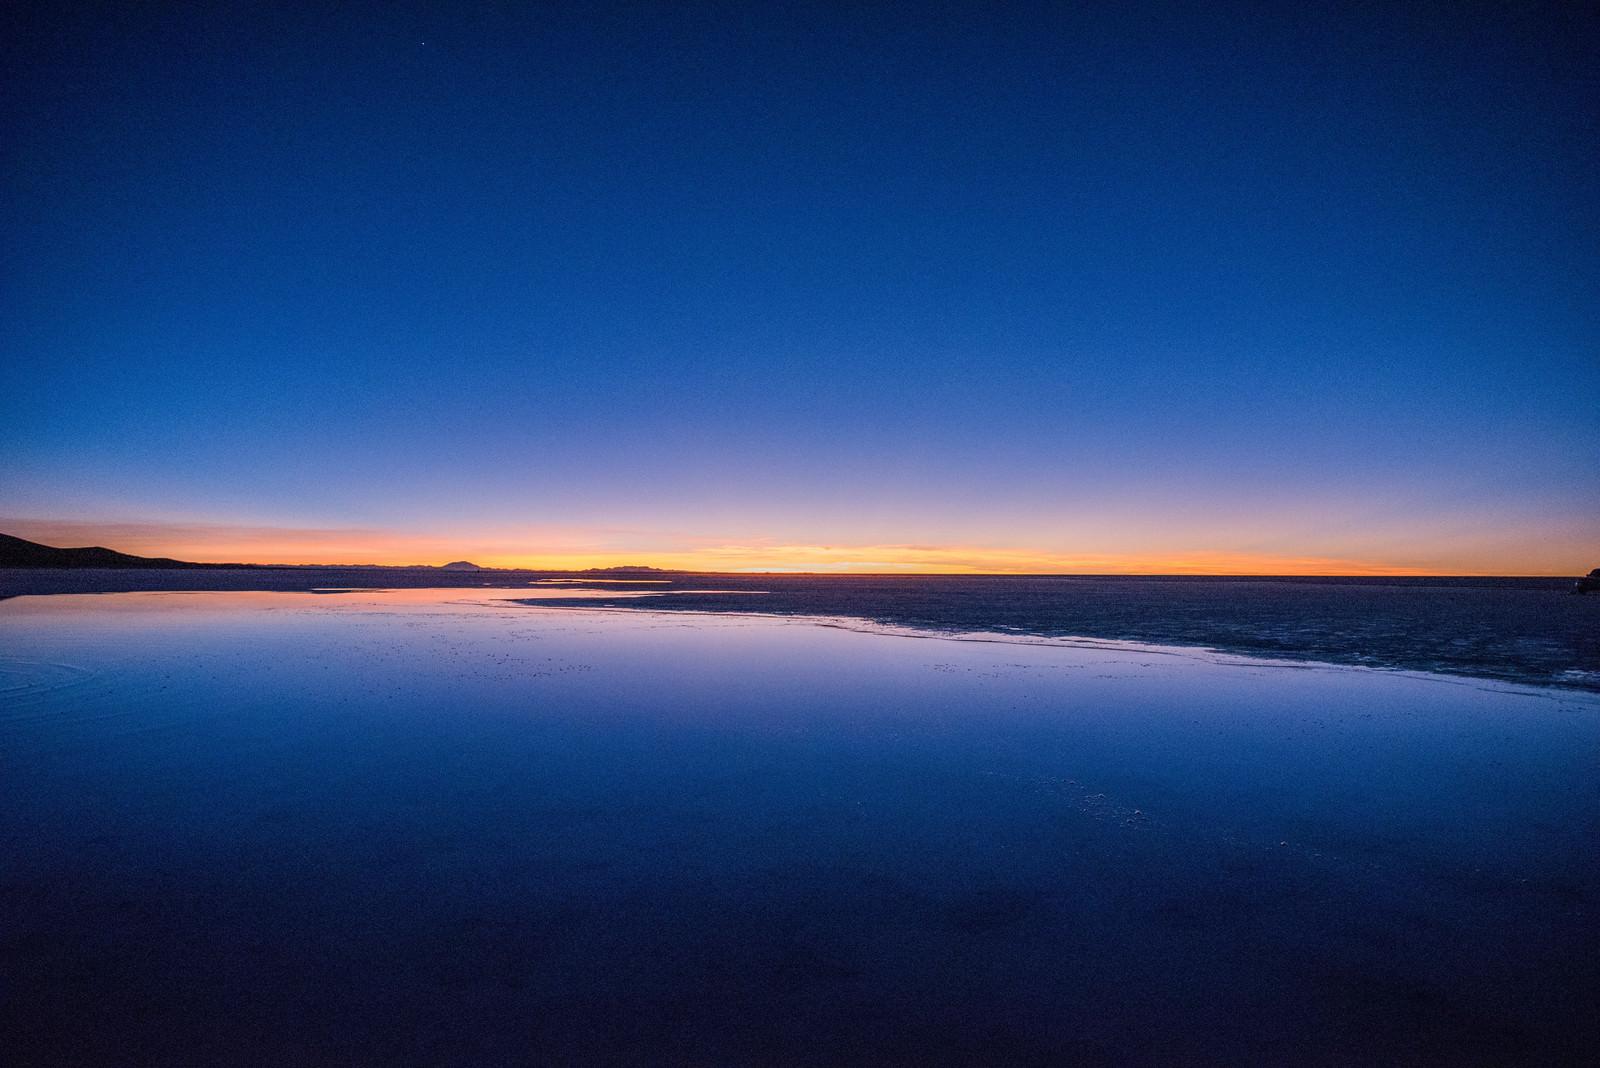 「天空の鏡の夜明け(ウユニ塩湖)」の写真